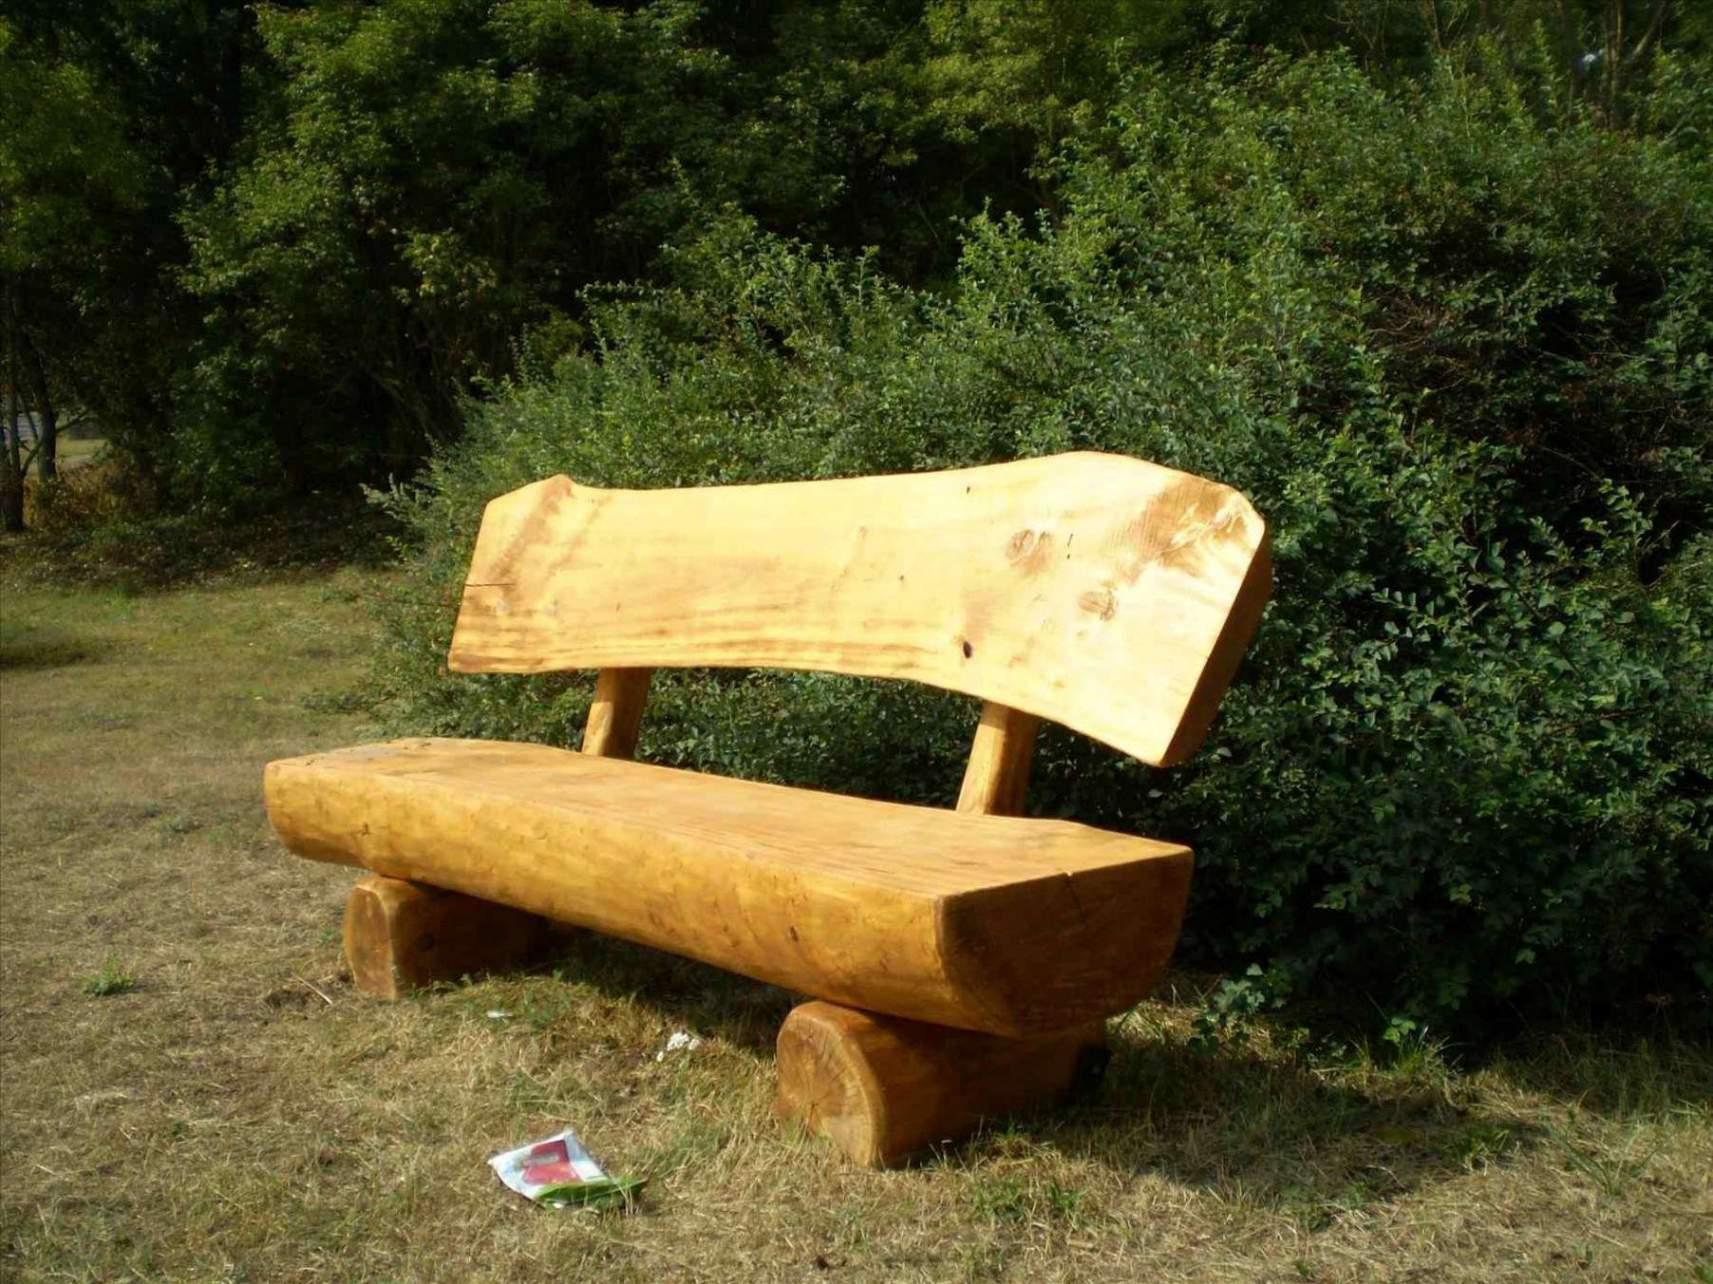 Bauholz Möbel Garten Genial Holz Stapeln Ideen — Temobardz